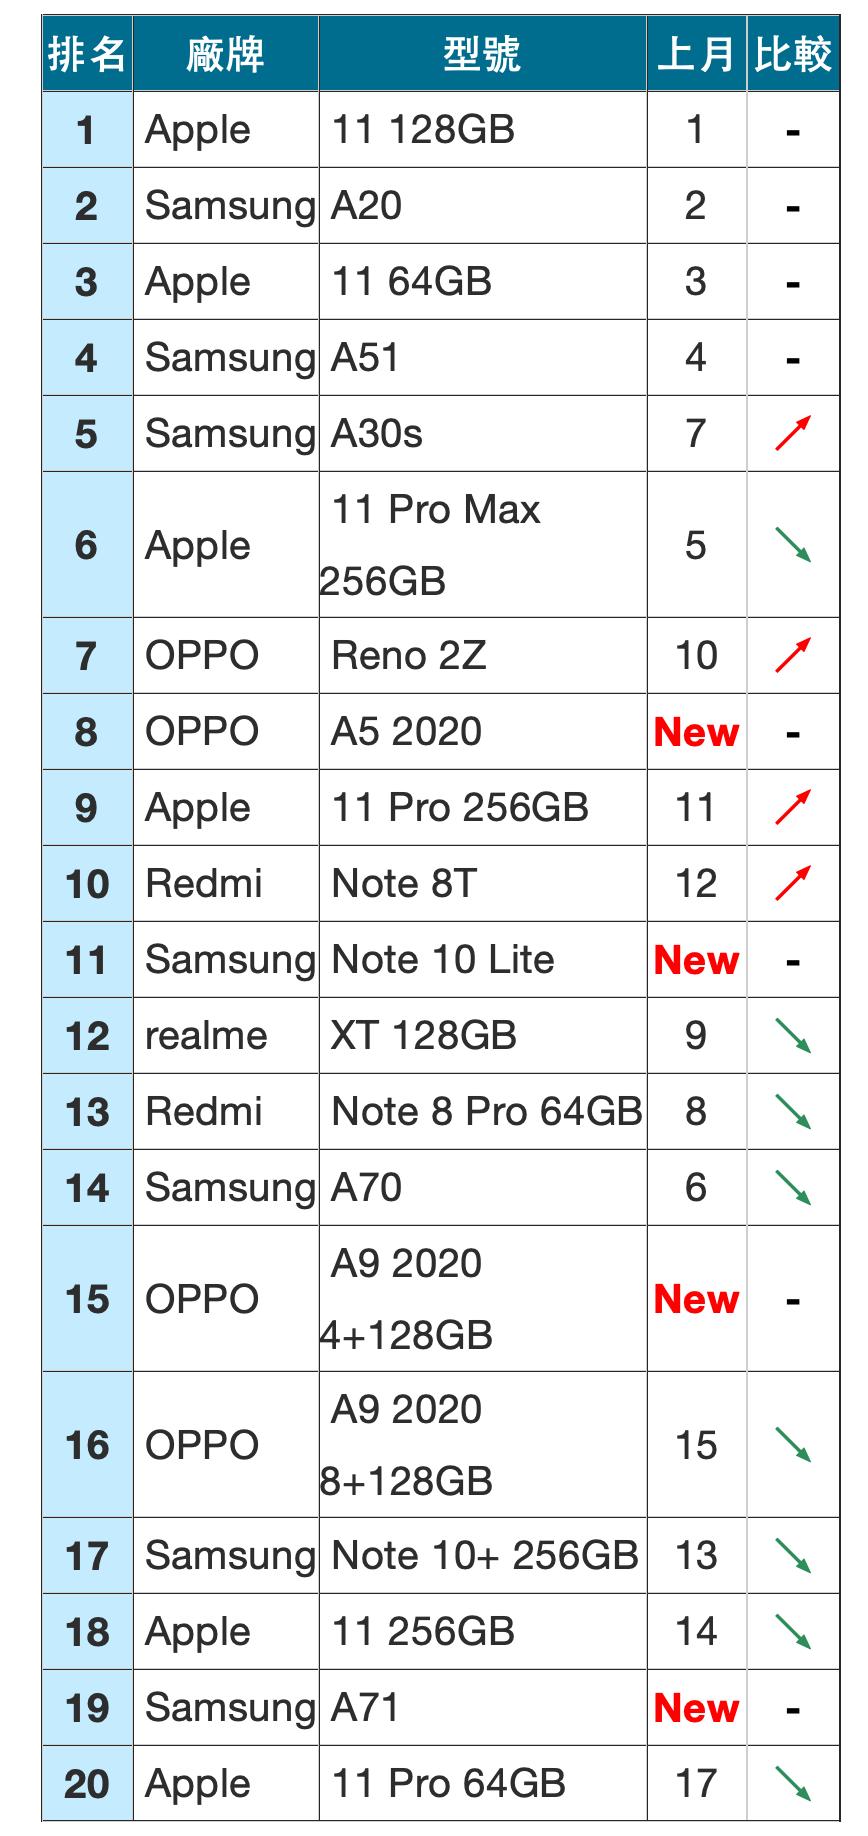 全台手機熱銷排名出爐!HTC 維持前五、旗艦 iPhone 被入門機「擊落」